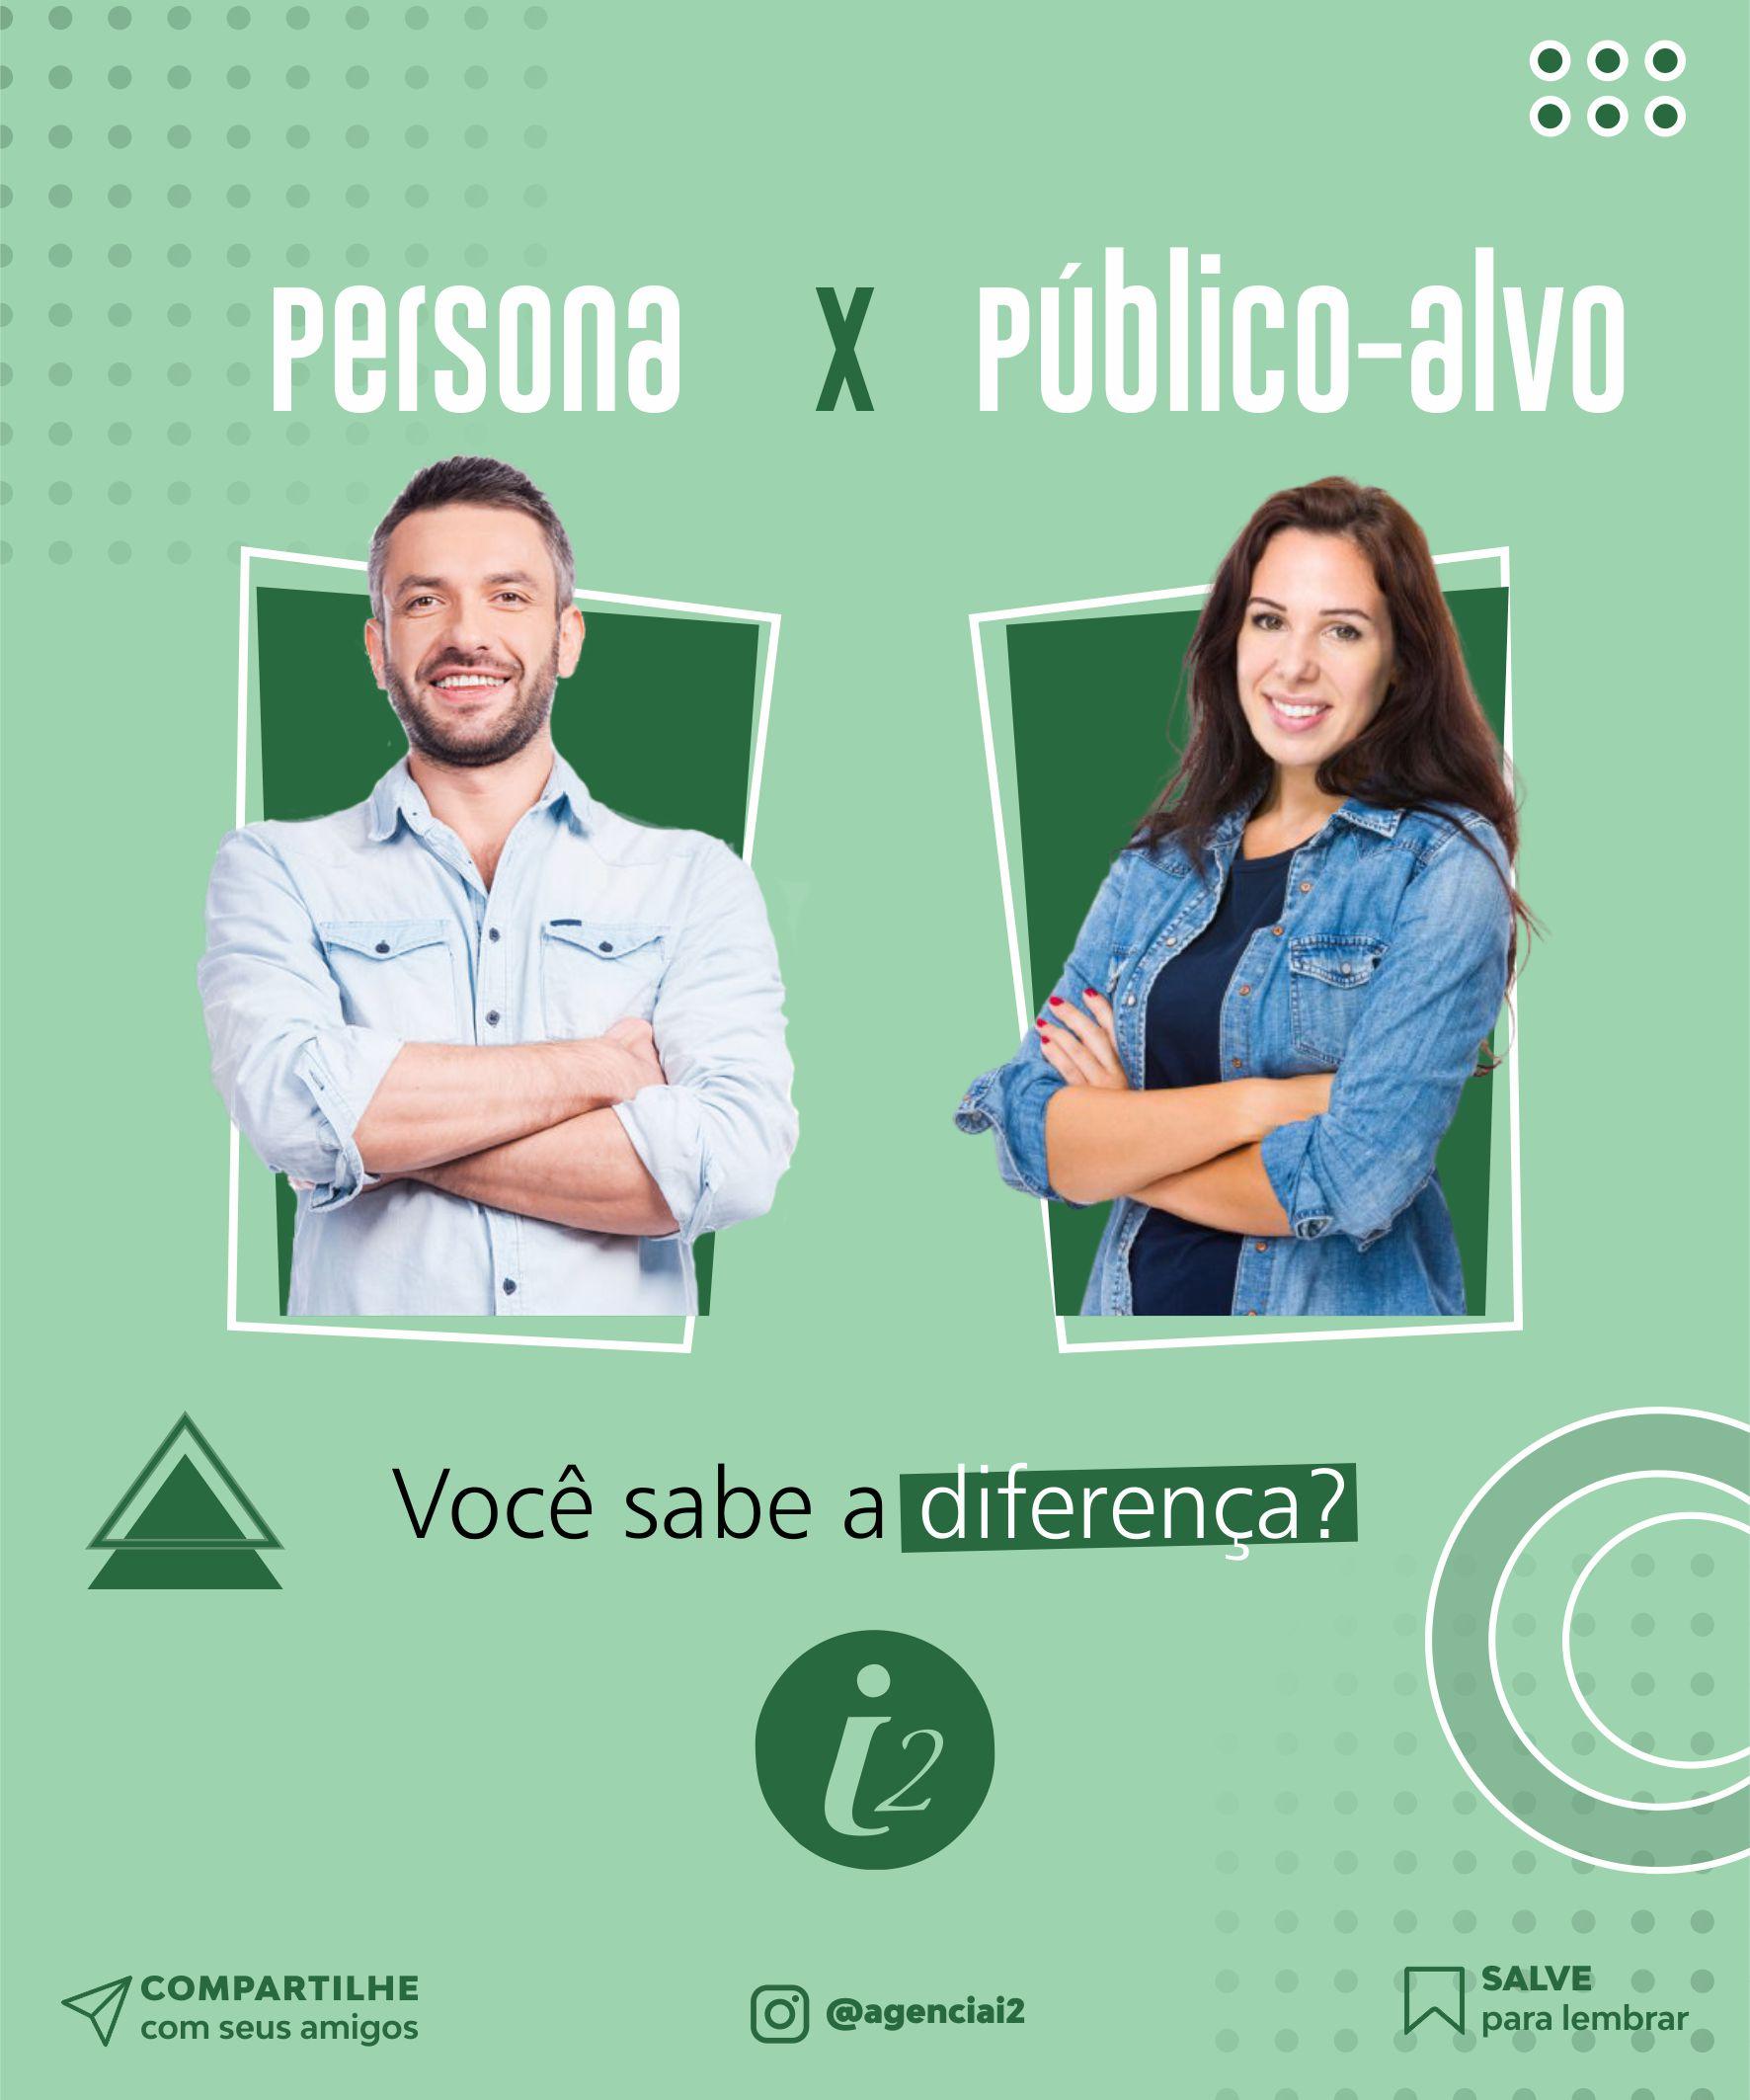 Você sabe a diferença entre persona e público-alvo?